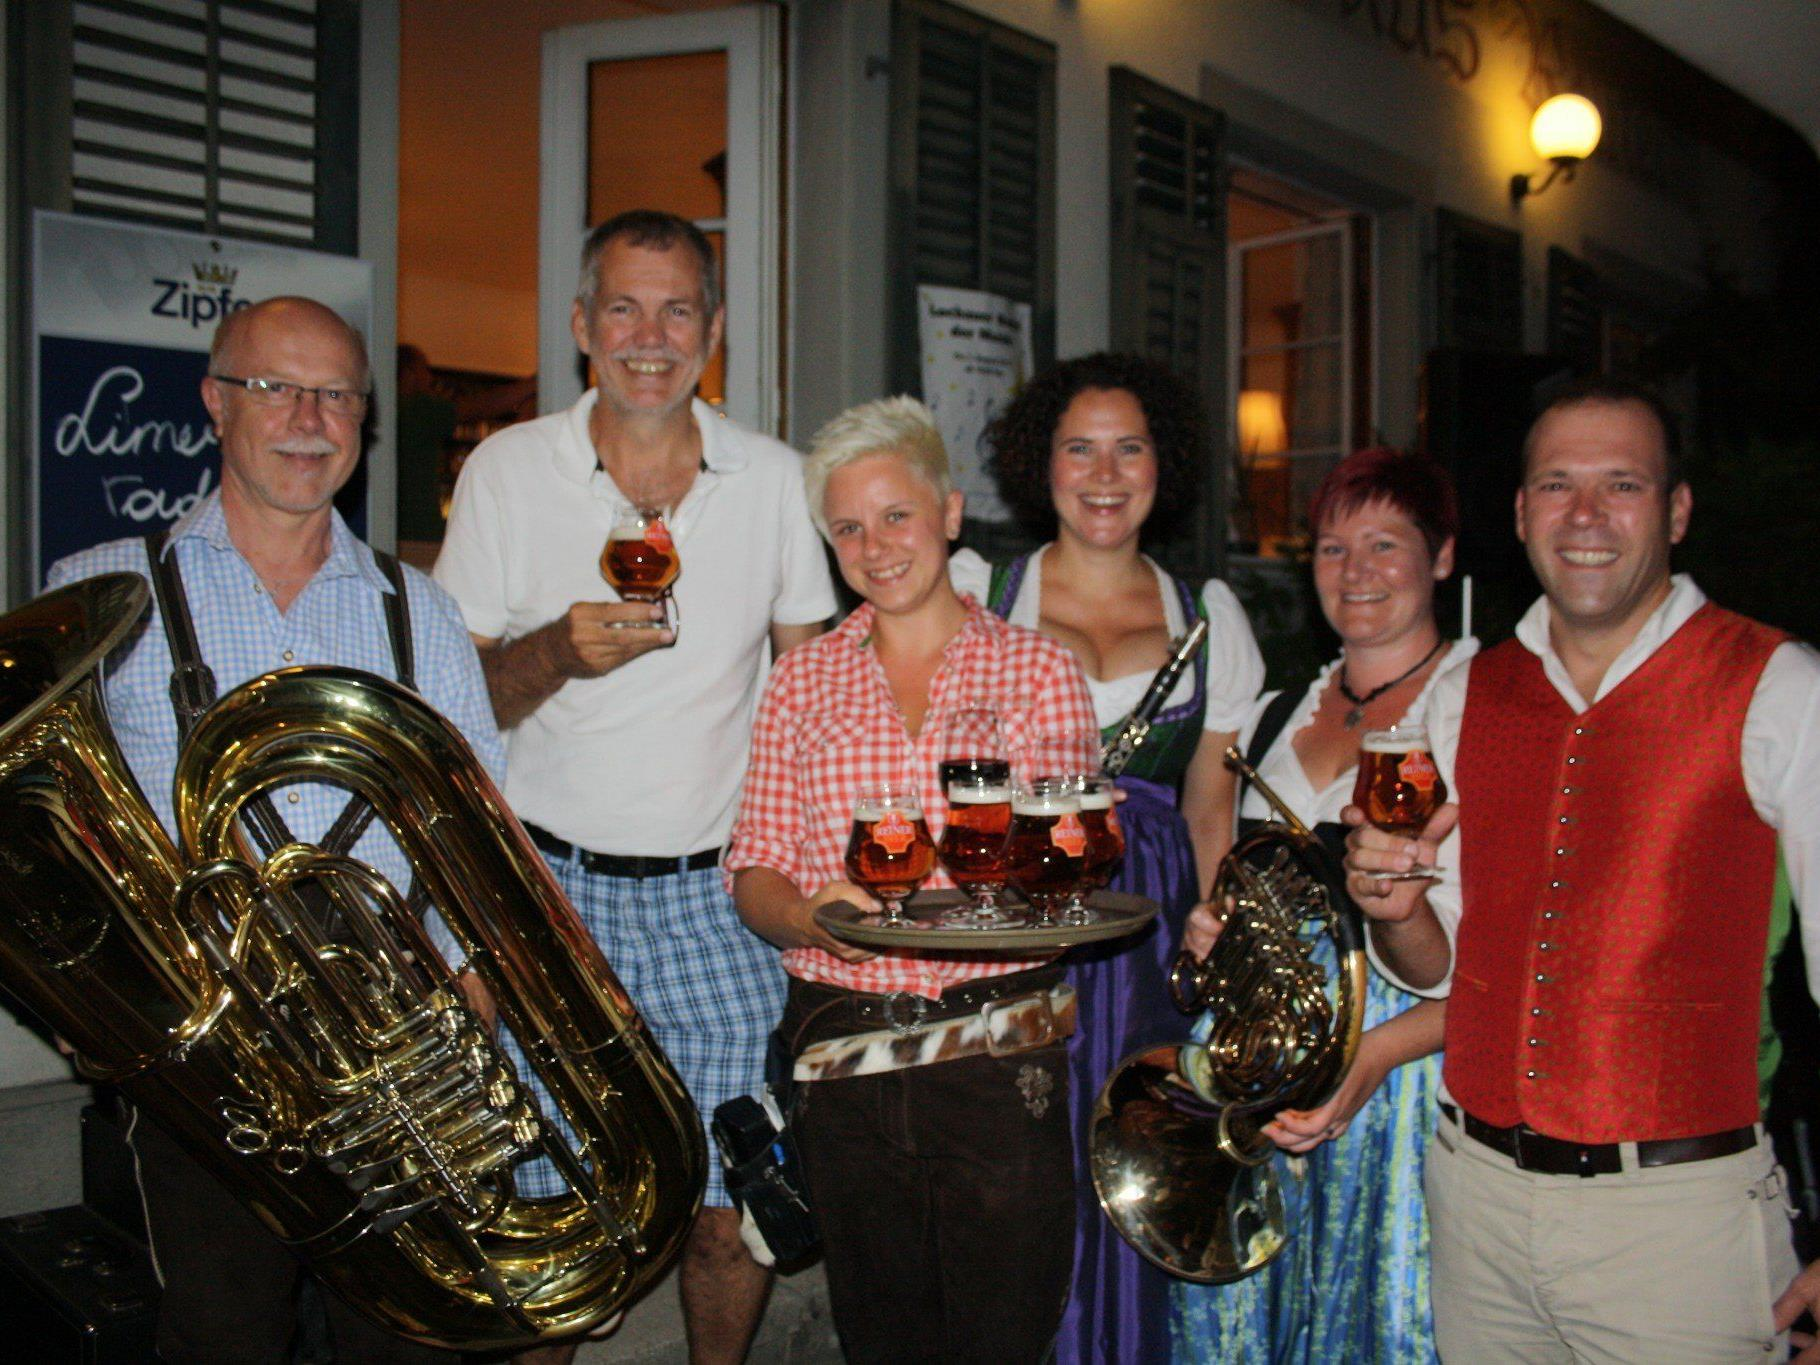 Festwirt Philipp Reiner und Organisator Robert Sturn vom Wirtschafts- und Tourismusausschuss der Gemeinde freuten sich über den großartigen Erfolg.